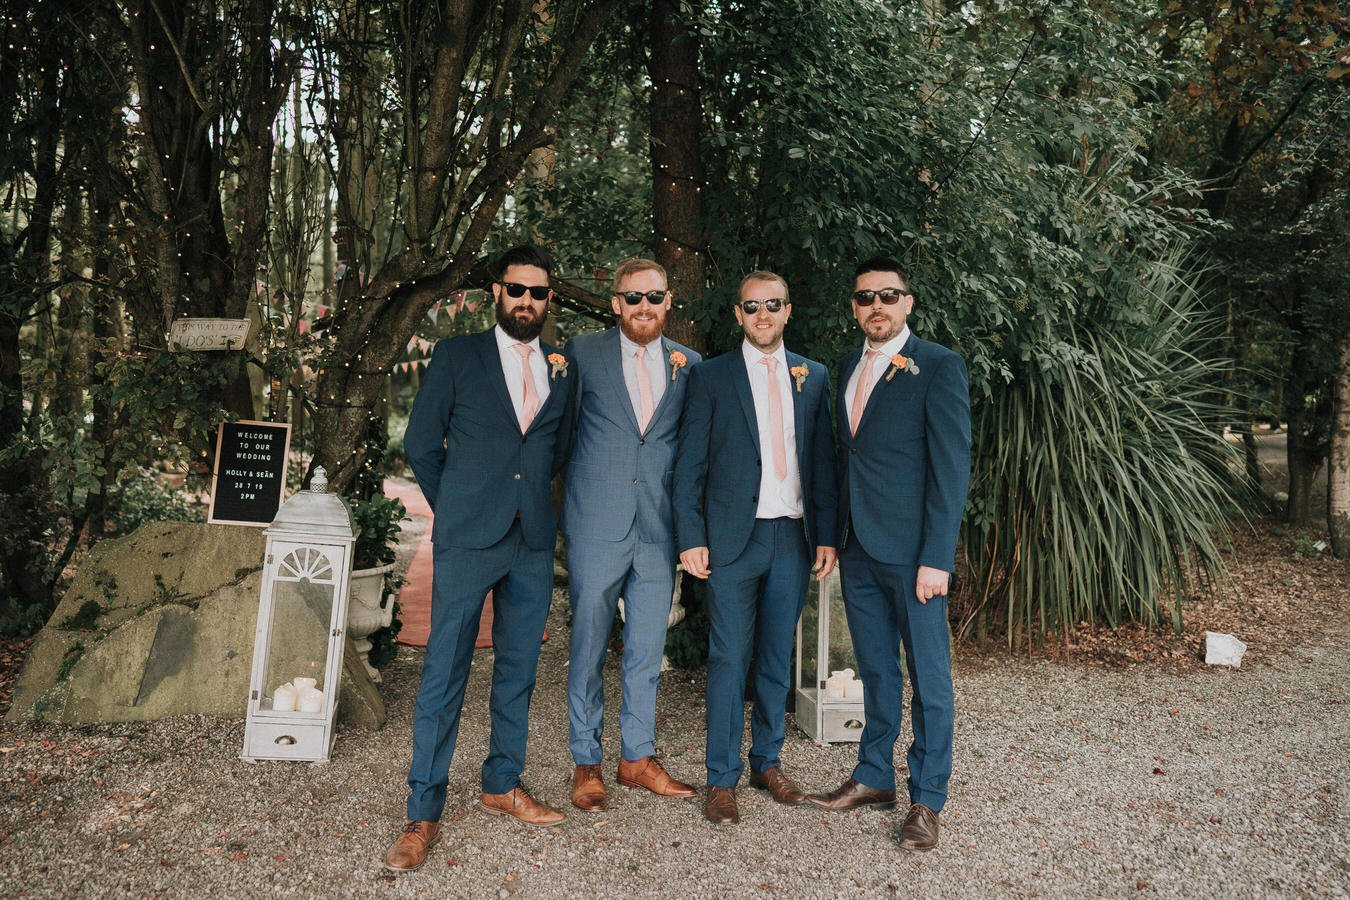 The-Station-House-wedding-Dublin-photographer- 0042 40